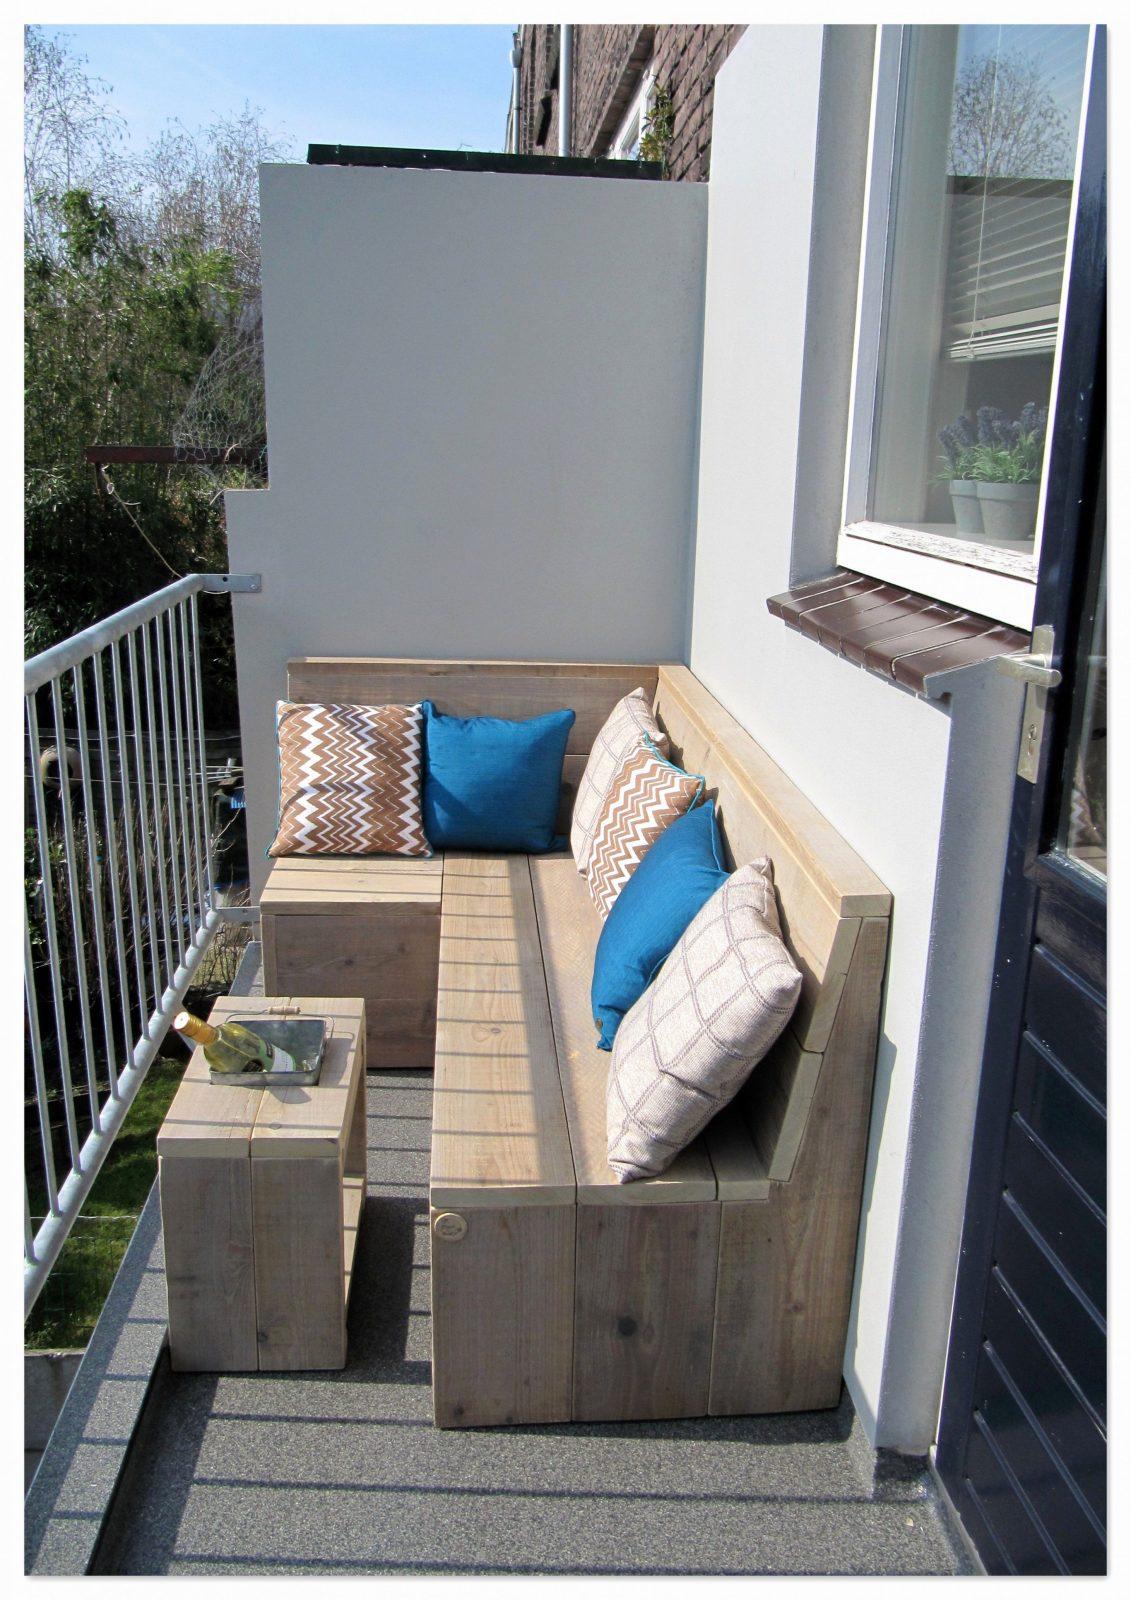 Schmalen Balkon Gestalten Genial Beste Pin Von Holly Parks Auf von Langer Schmaler Balkon Gestalten Bild